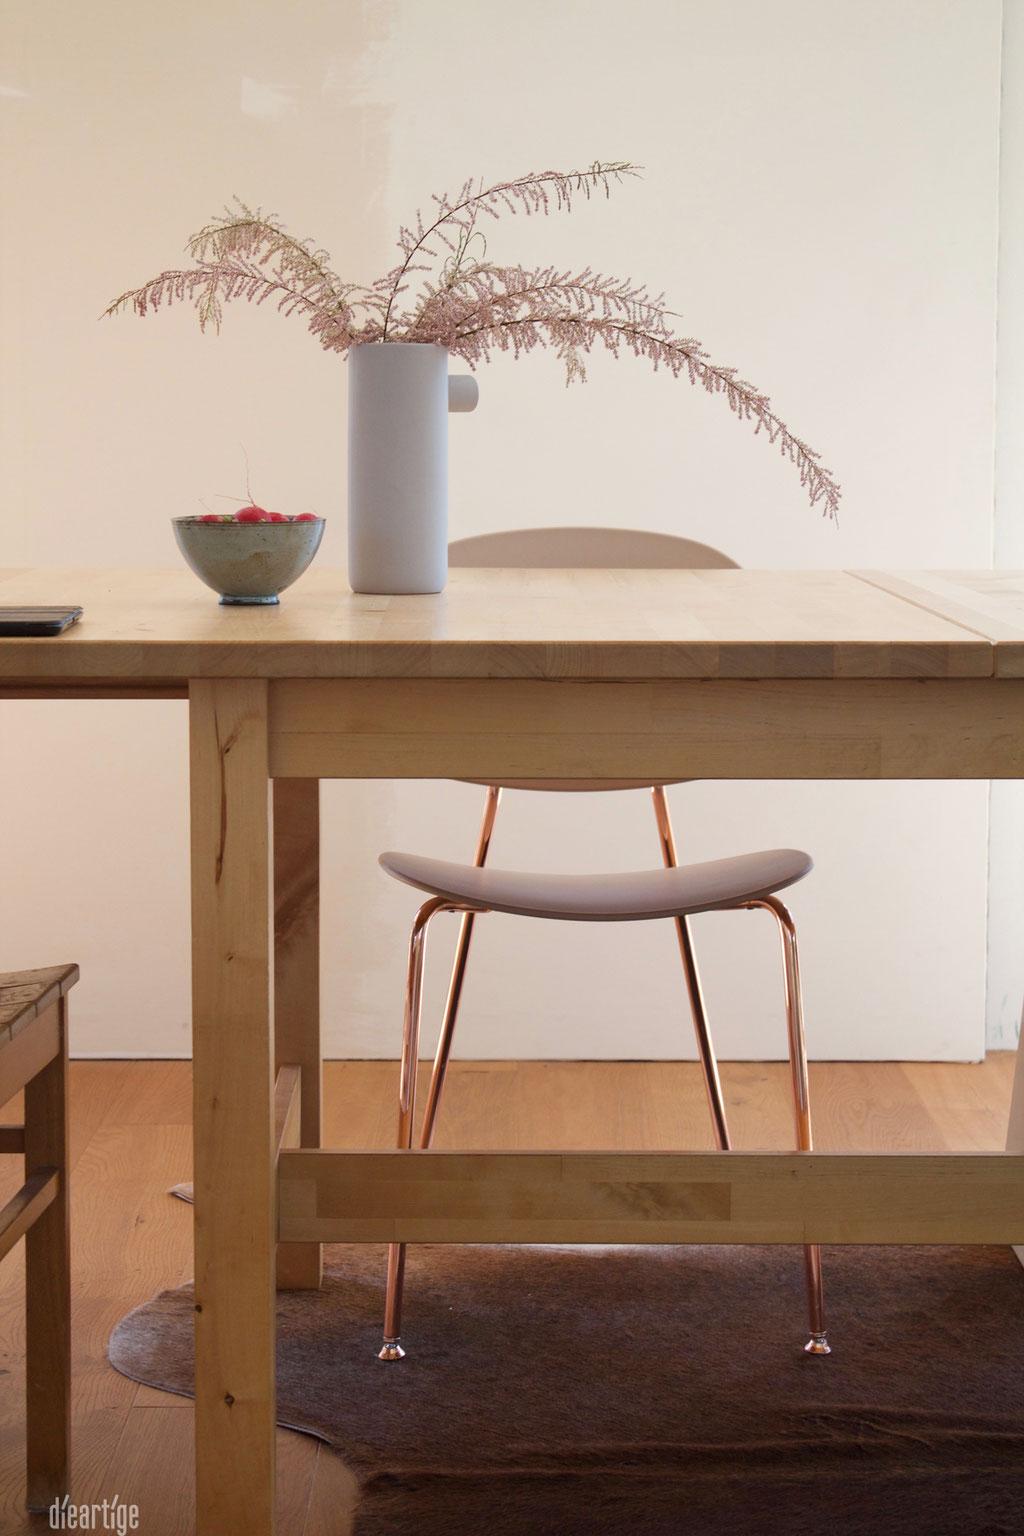 dieartigeBLOG - Tamariske im Keramikkrug, Esstisch, Tolinda-Stuhl + Radieschen